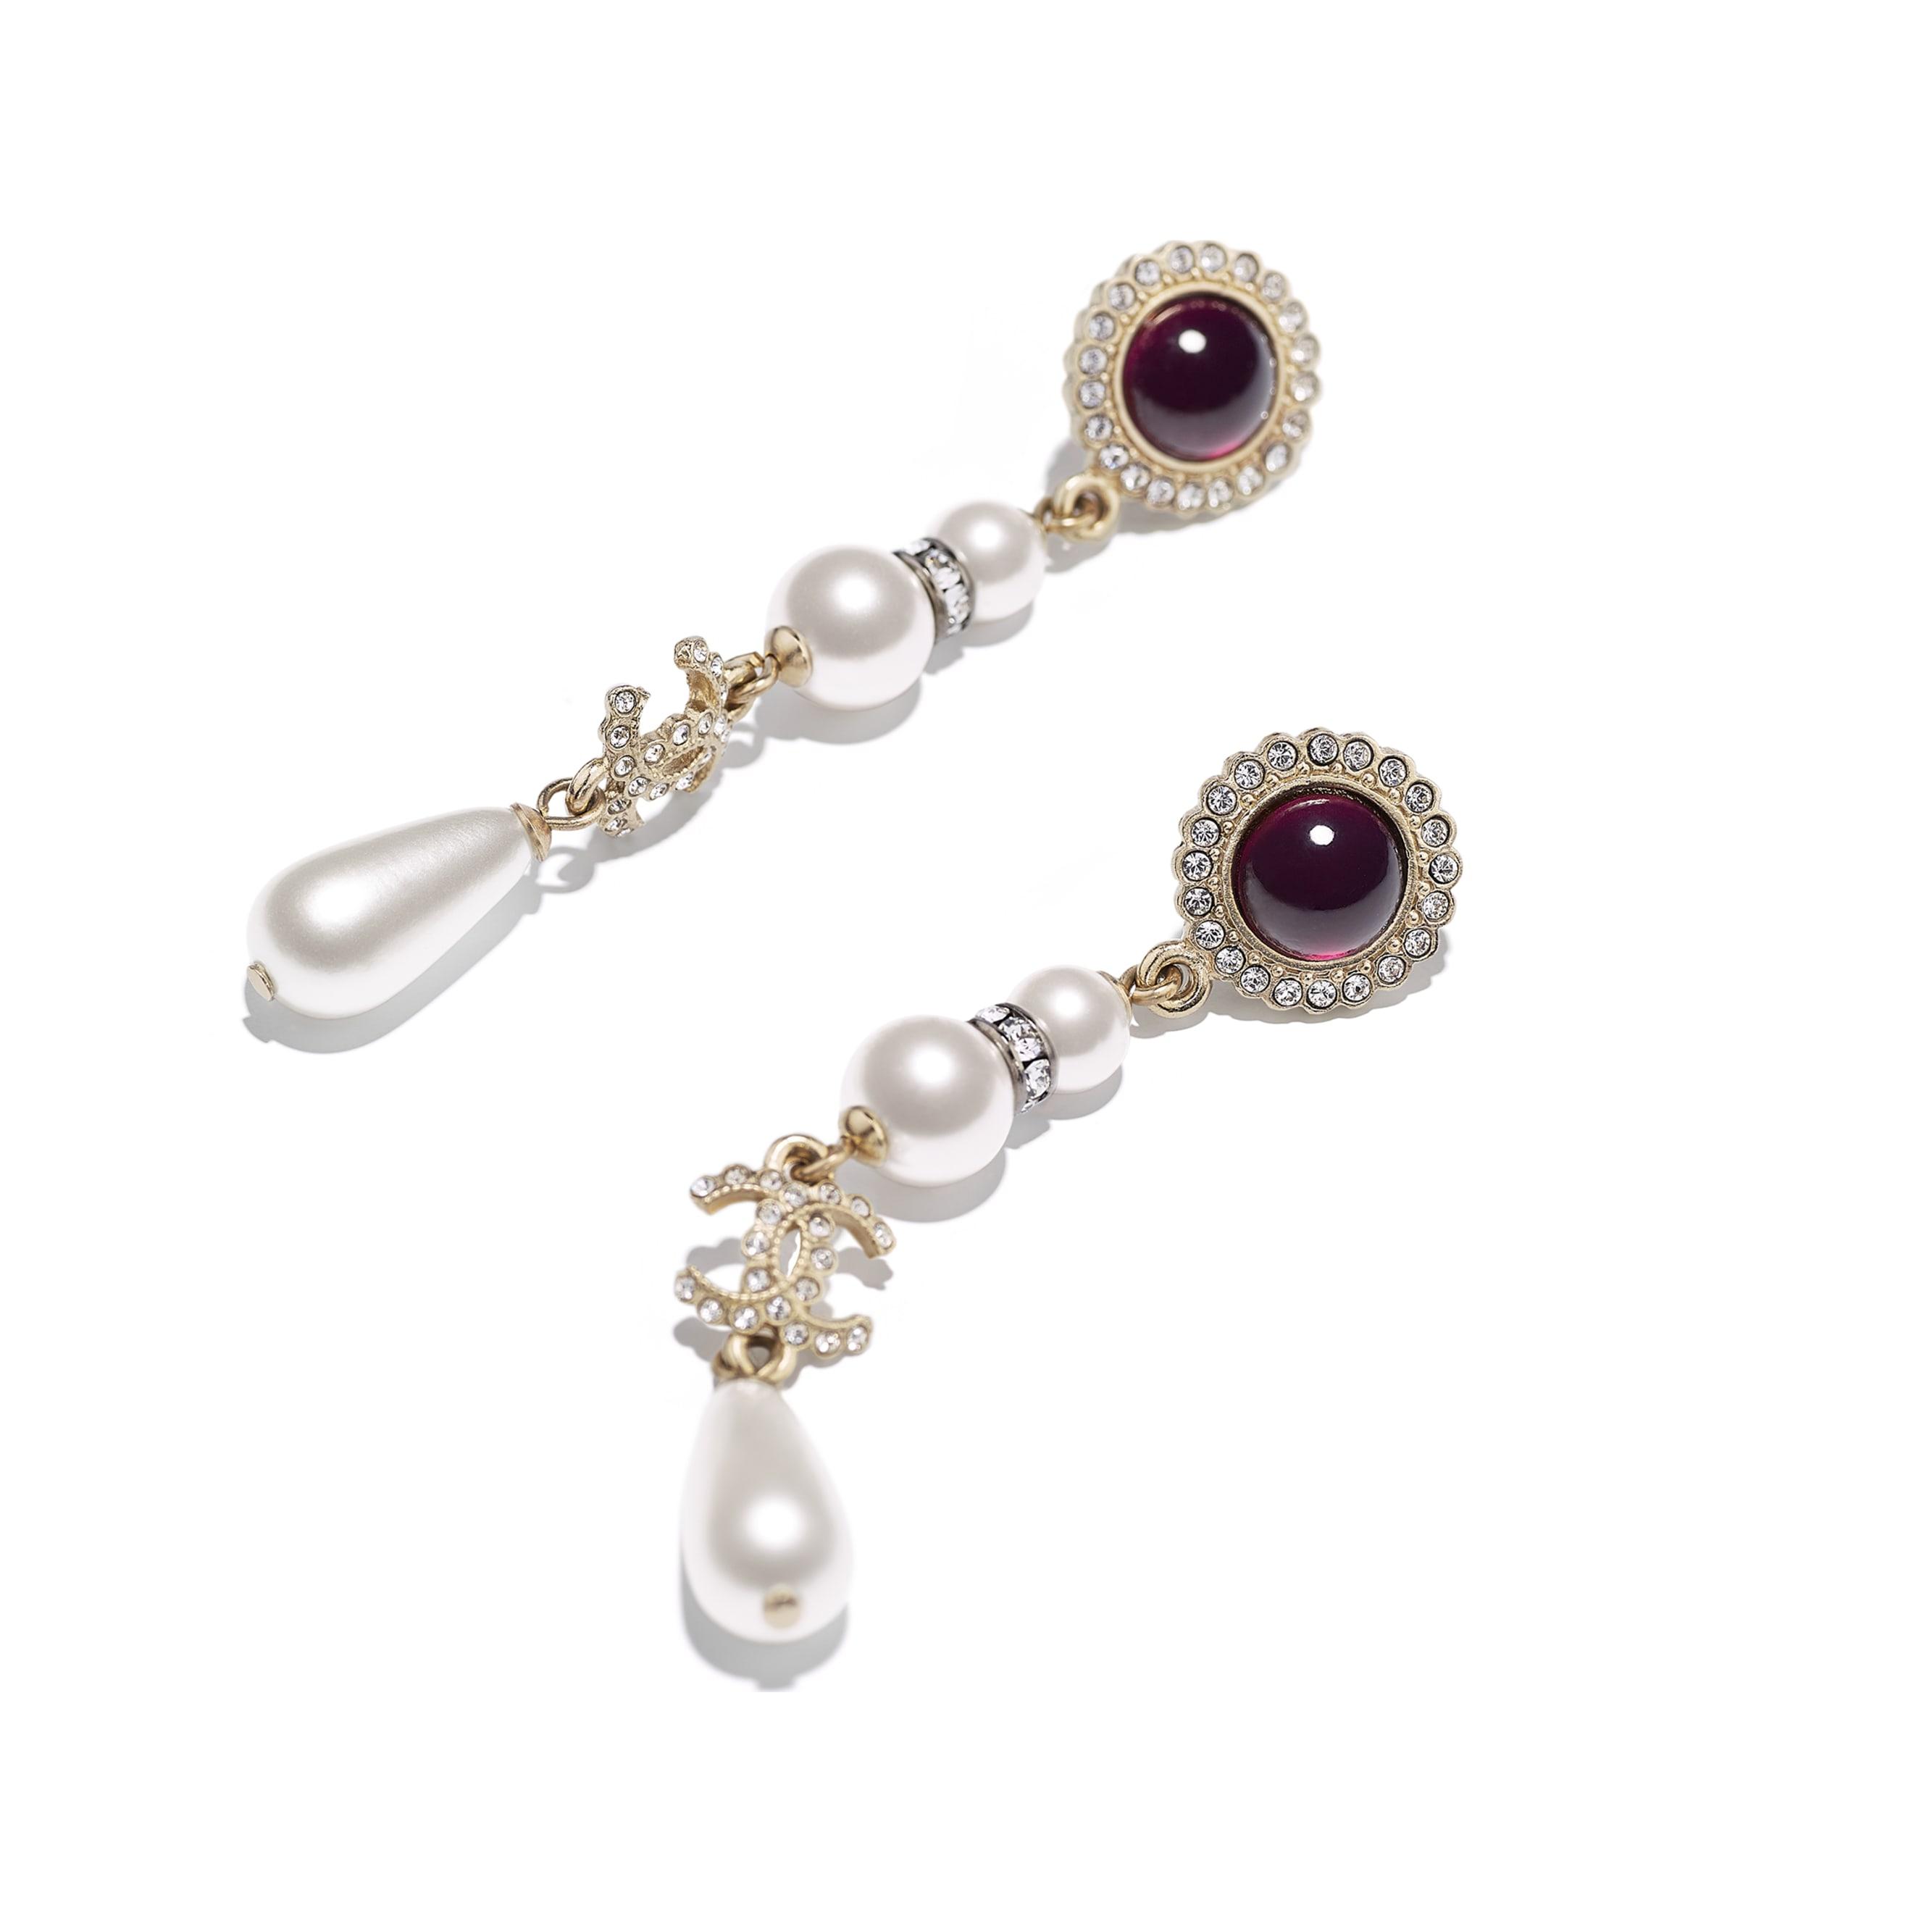 耳環 - Gold, Pearly White, Red & Crystal - 金屬、琉璃珠與水鑽 - 替代視圖 - 查看標準尺寸版本